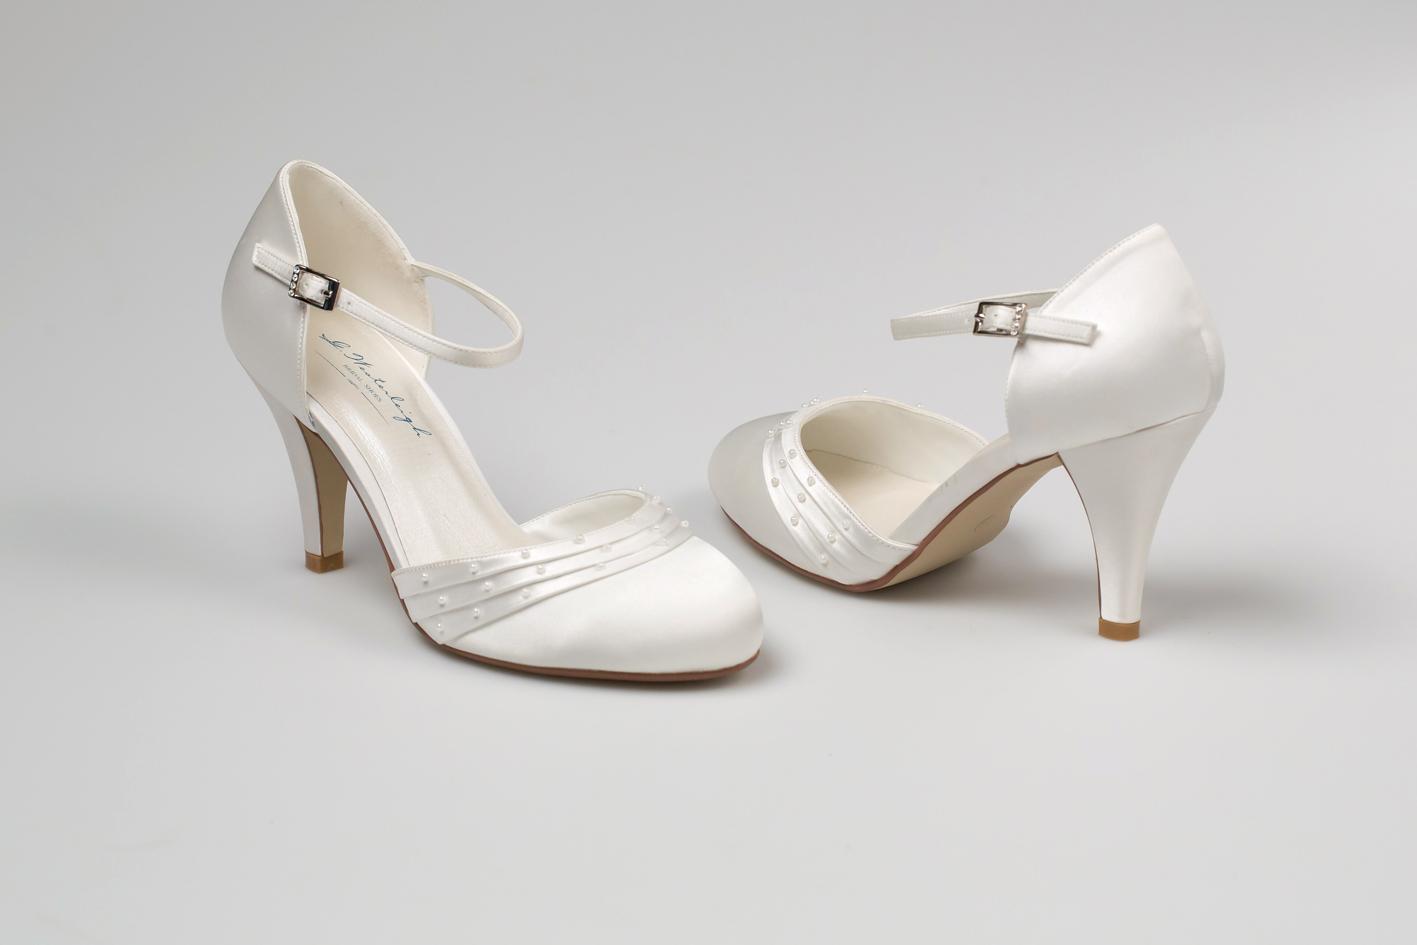 Svadobné topánky Melissa, G. Westerleigh - Obrázok č. 1